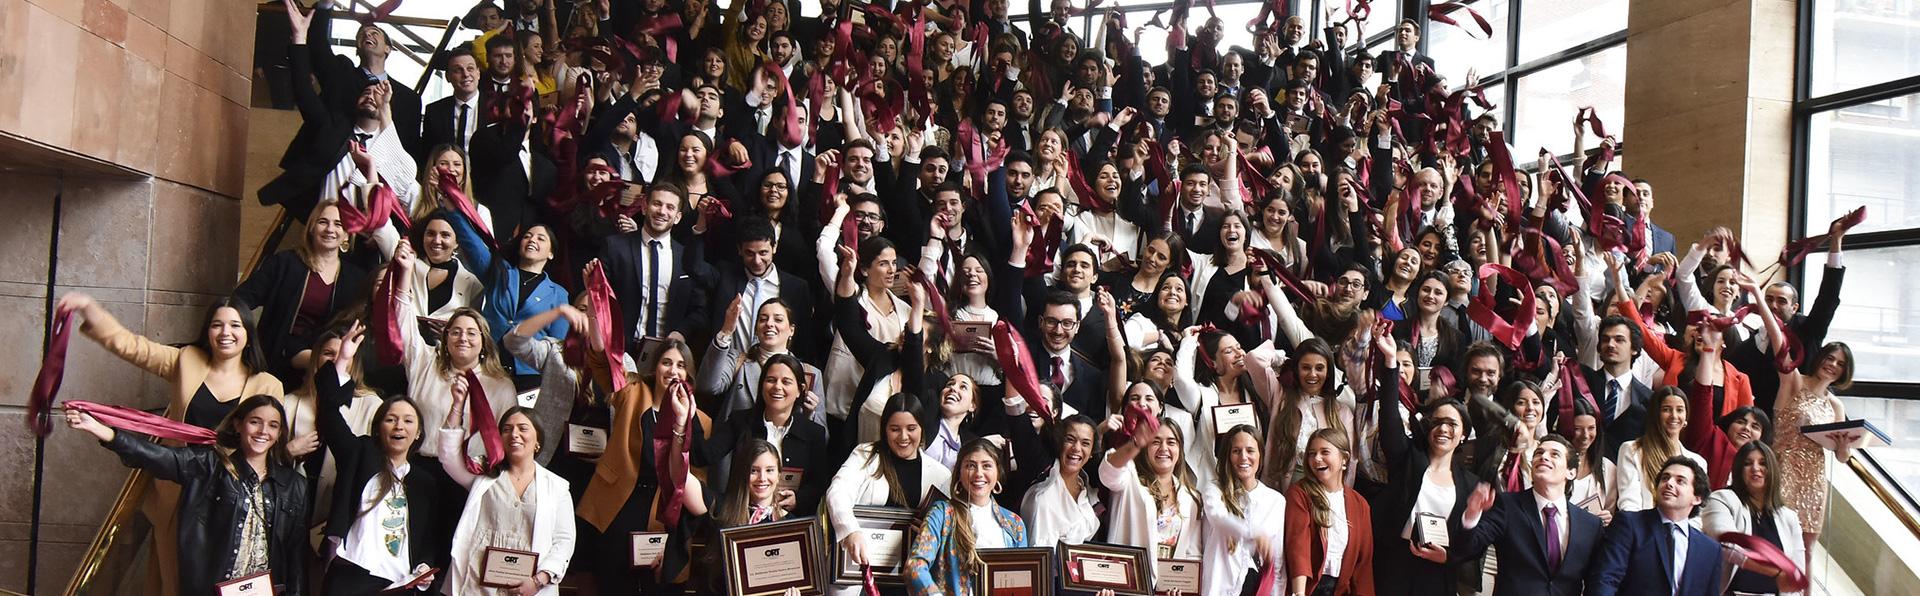 Ceremonias de graduación